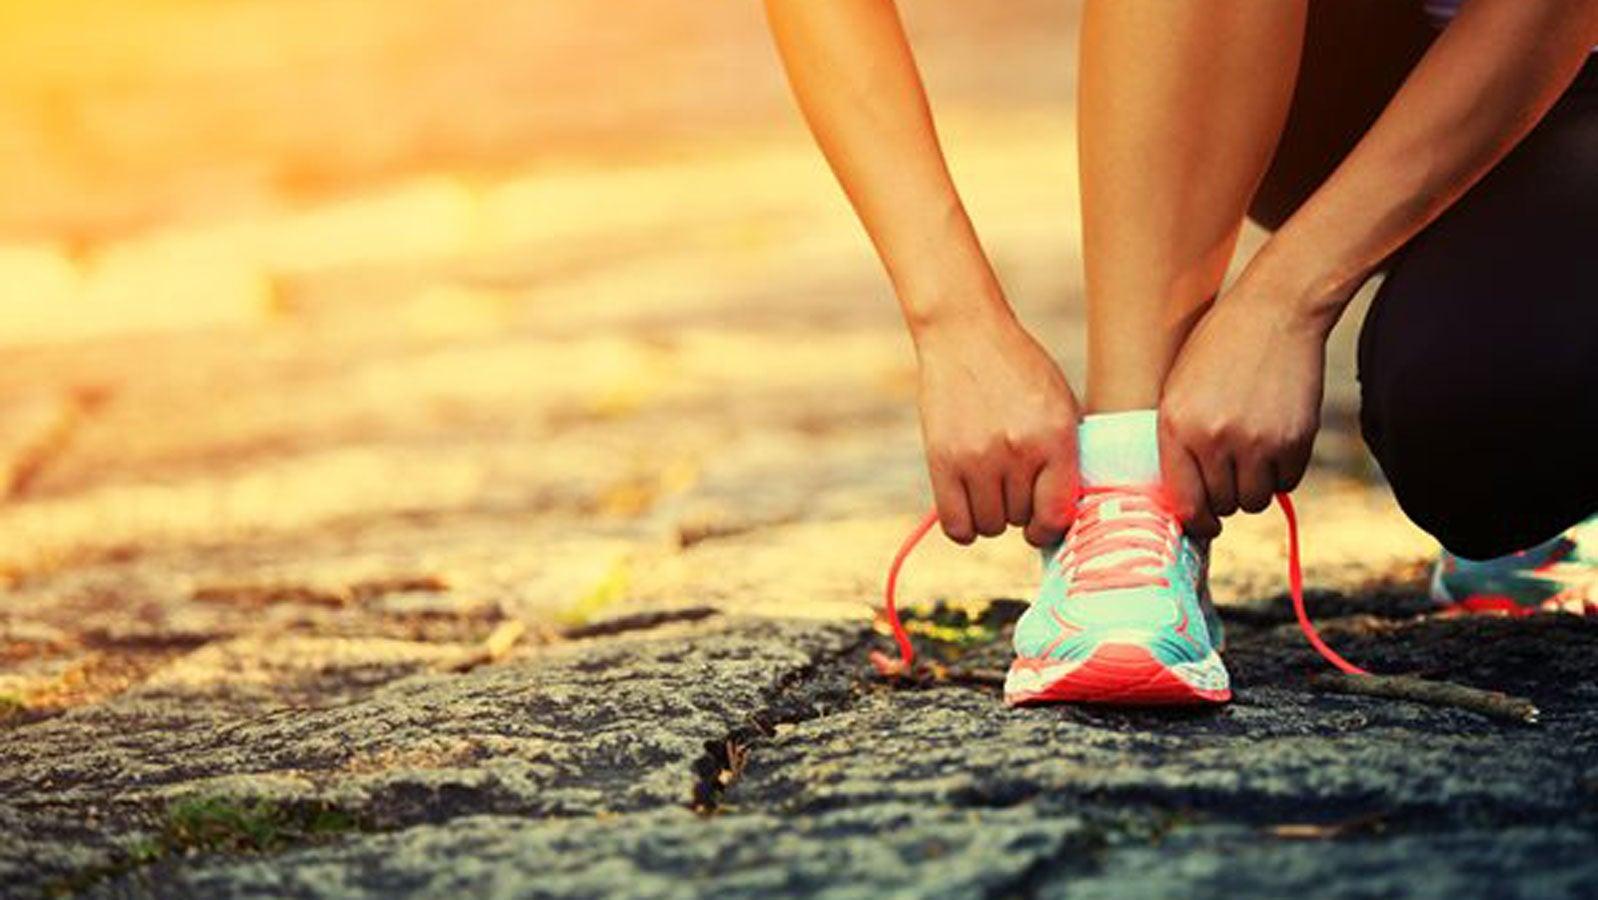 A runner bending down to tie her shoe